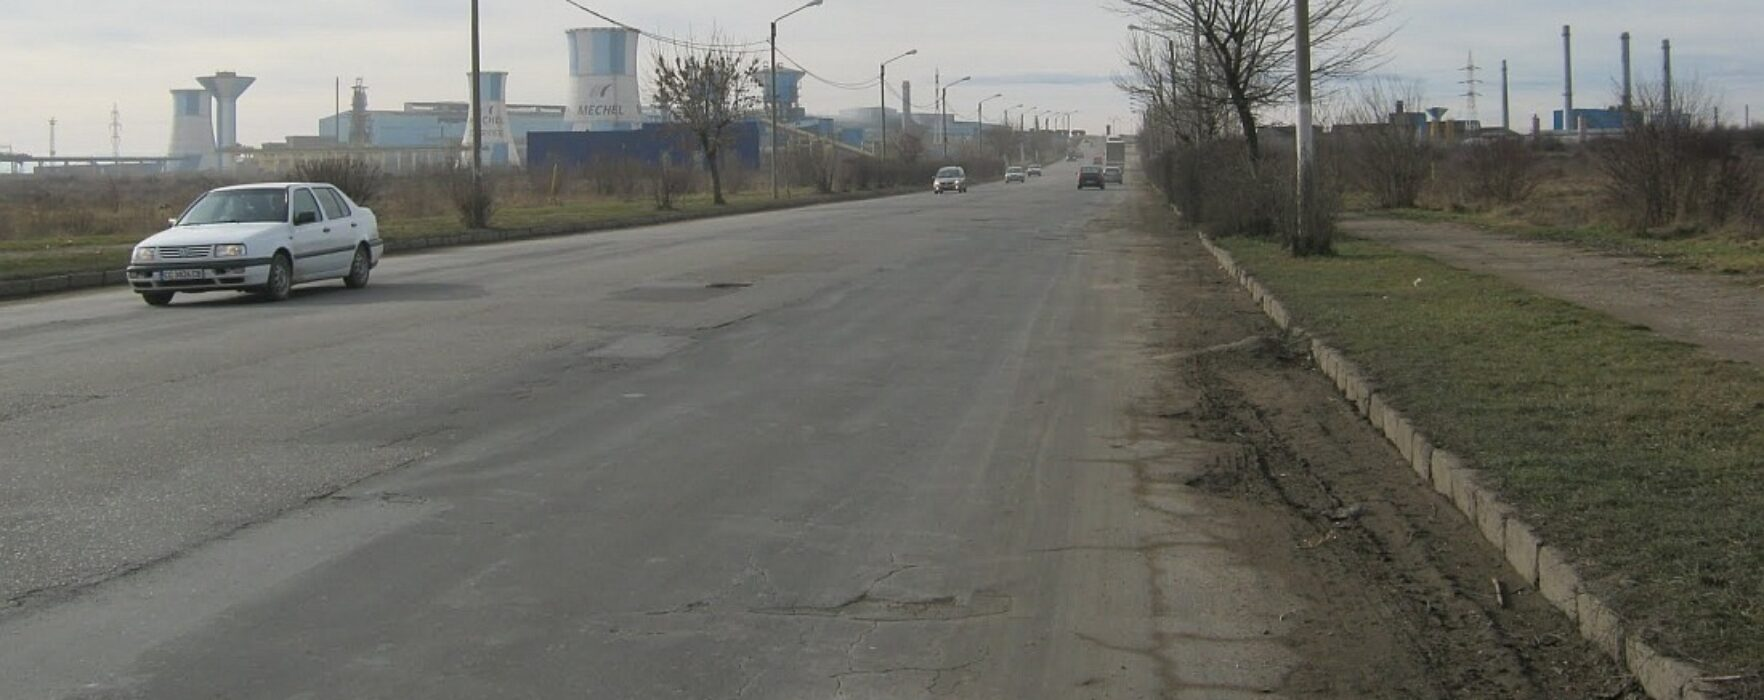 Risc de corecţie 100% la centura Târgoviştei, ar putea însemna falimentul administraţiei locale